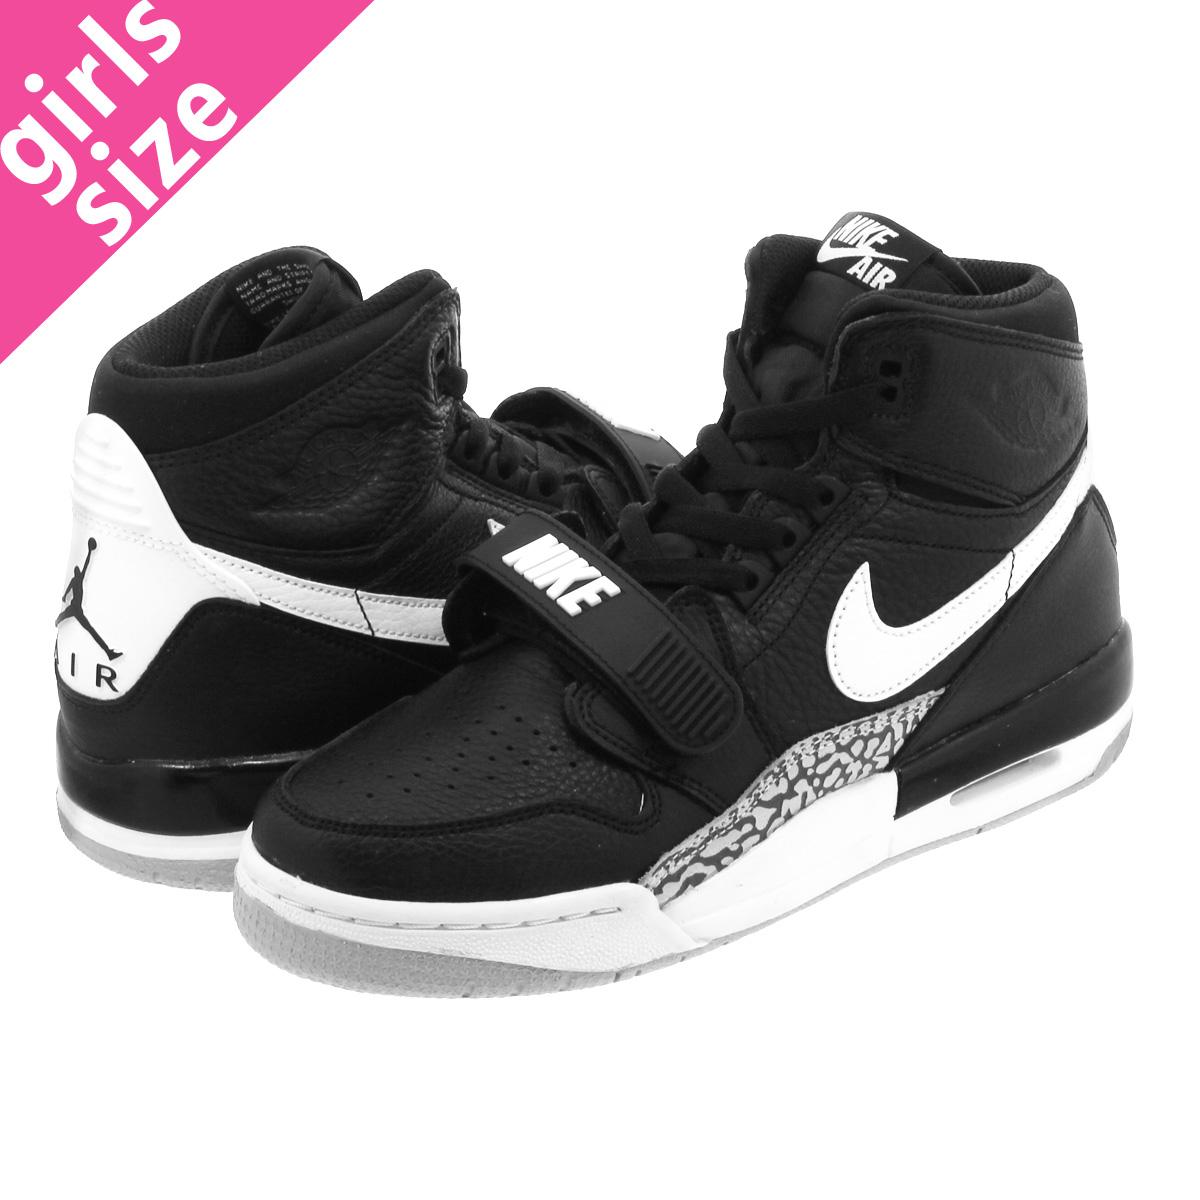 new product fc456 3842d NIKE AIR JORDAN LEGACY 312 GS Nike Air Jordan Legacy 312 GS BLACK WHITE  at4040 ...